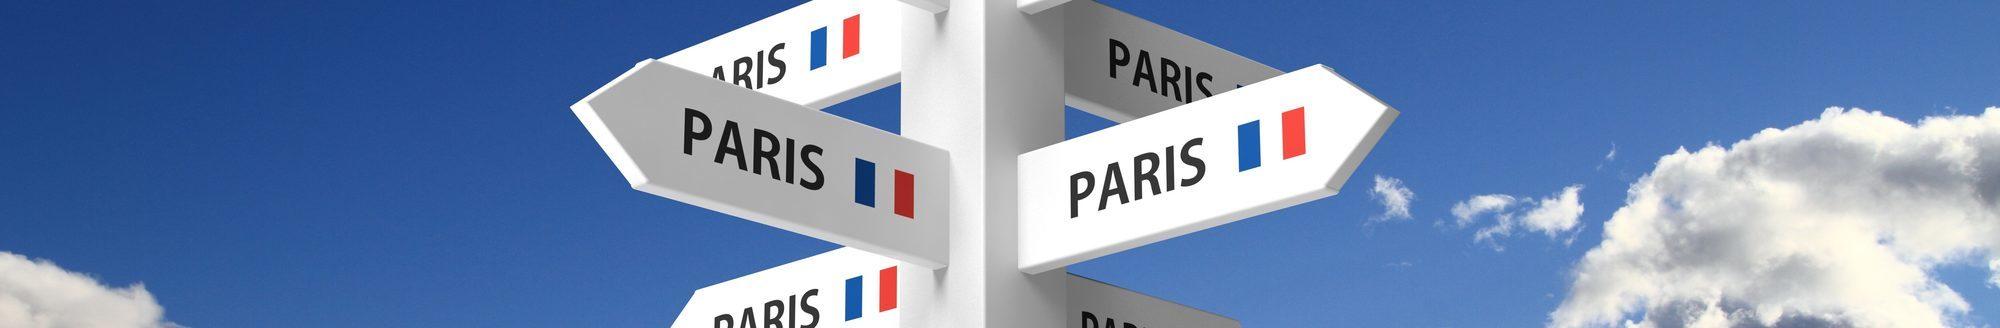 How to go to Paris?